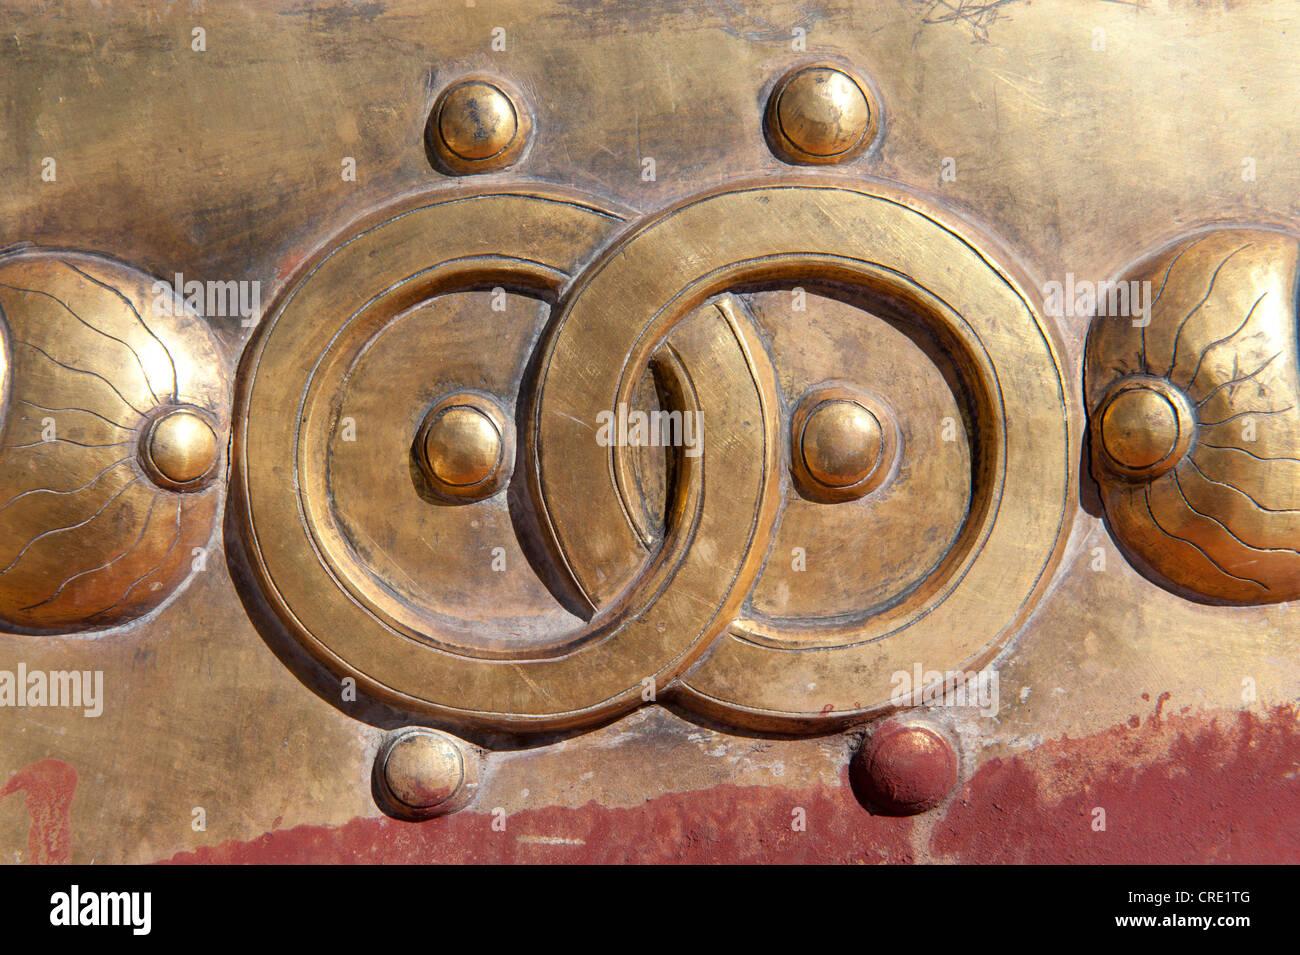 Buddismo tibetano, emblema di ottone, due cerchi intrecciati, anelli di Jokhang Tempio, Lhasa, Ue-Tsang, Tibet Centrale Immagini Stock